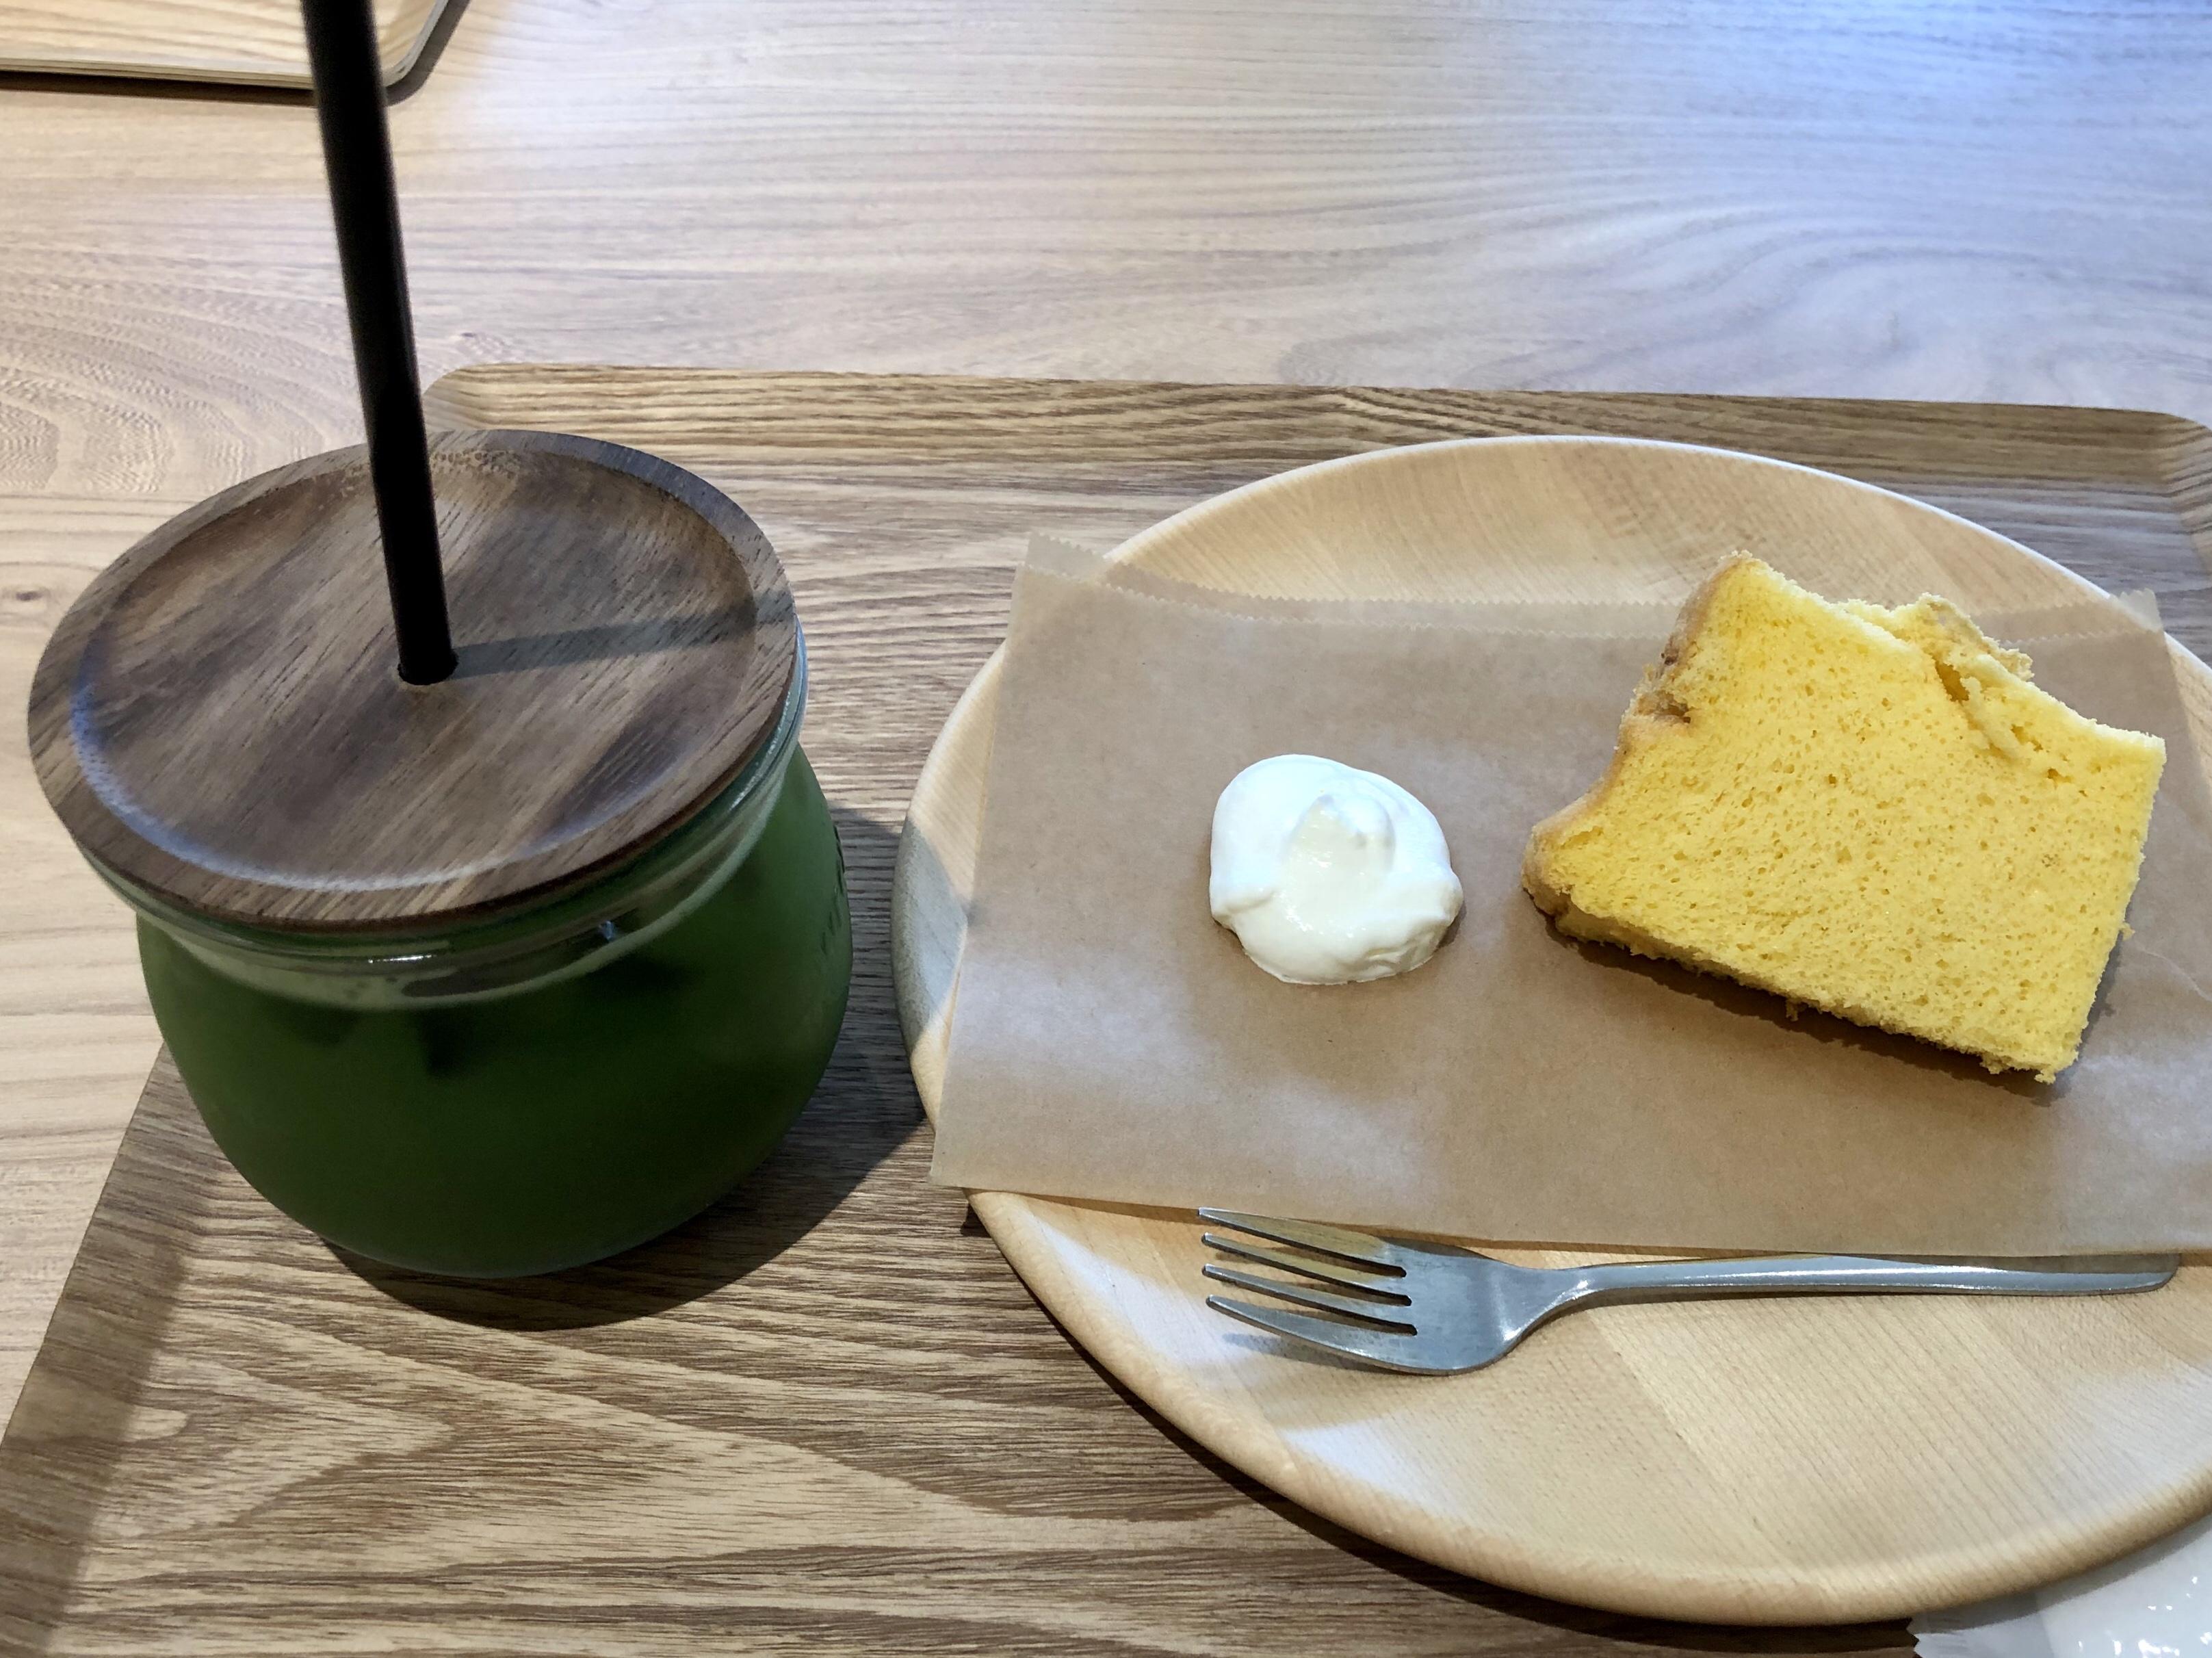 金沢市のカフェの茶のみのアイス抹茶